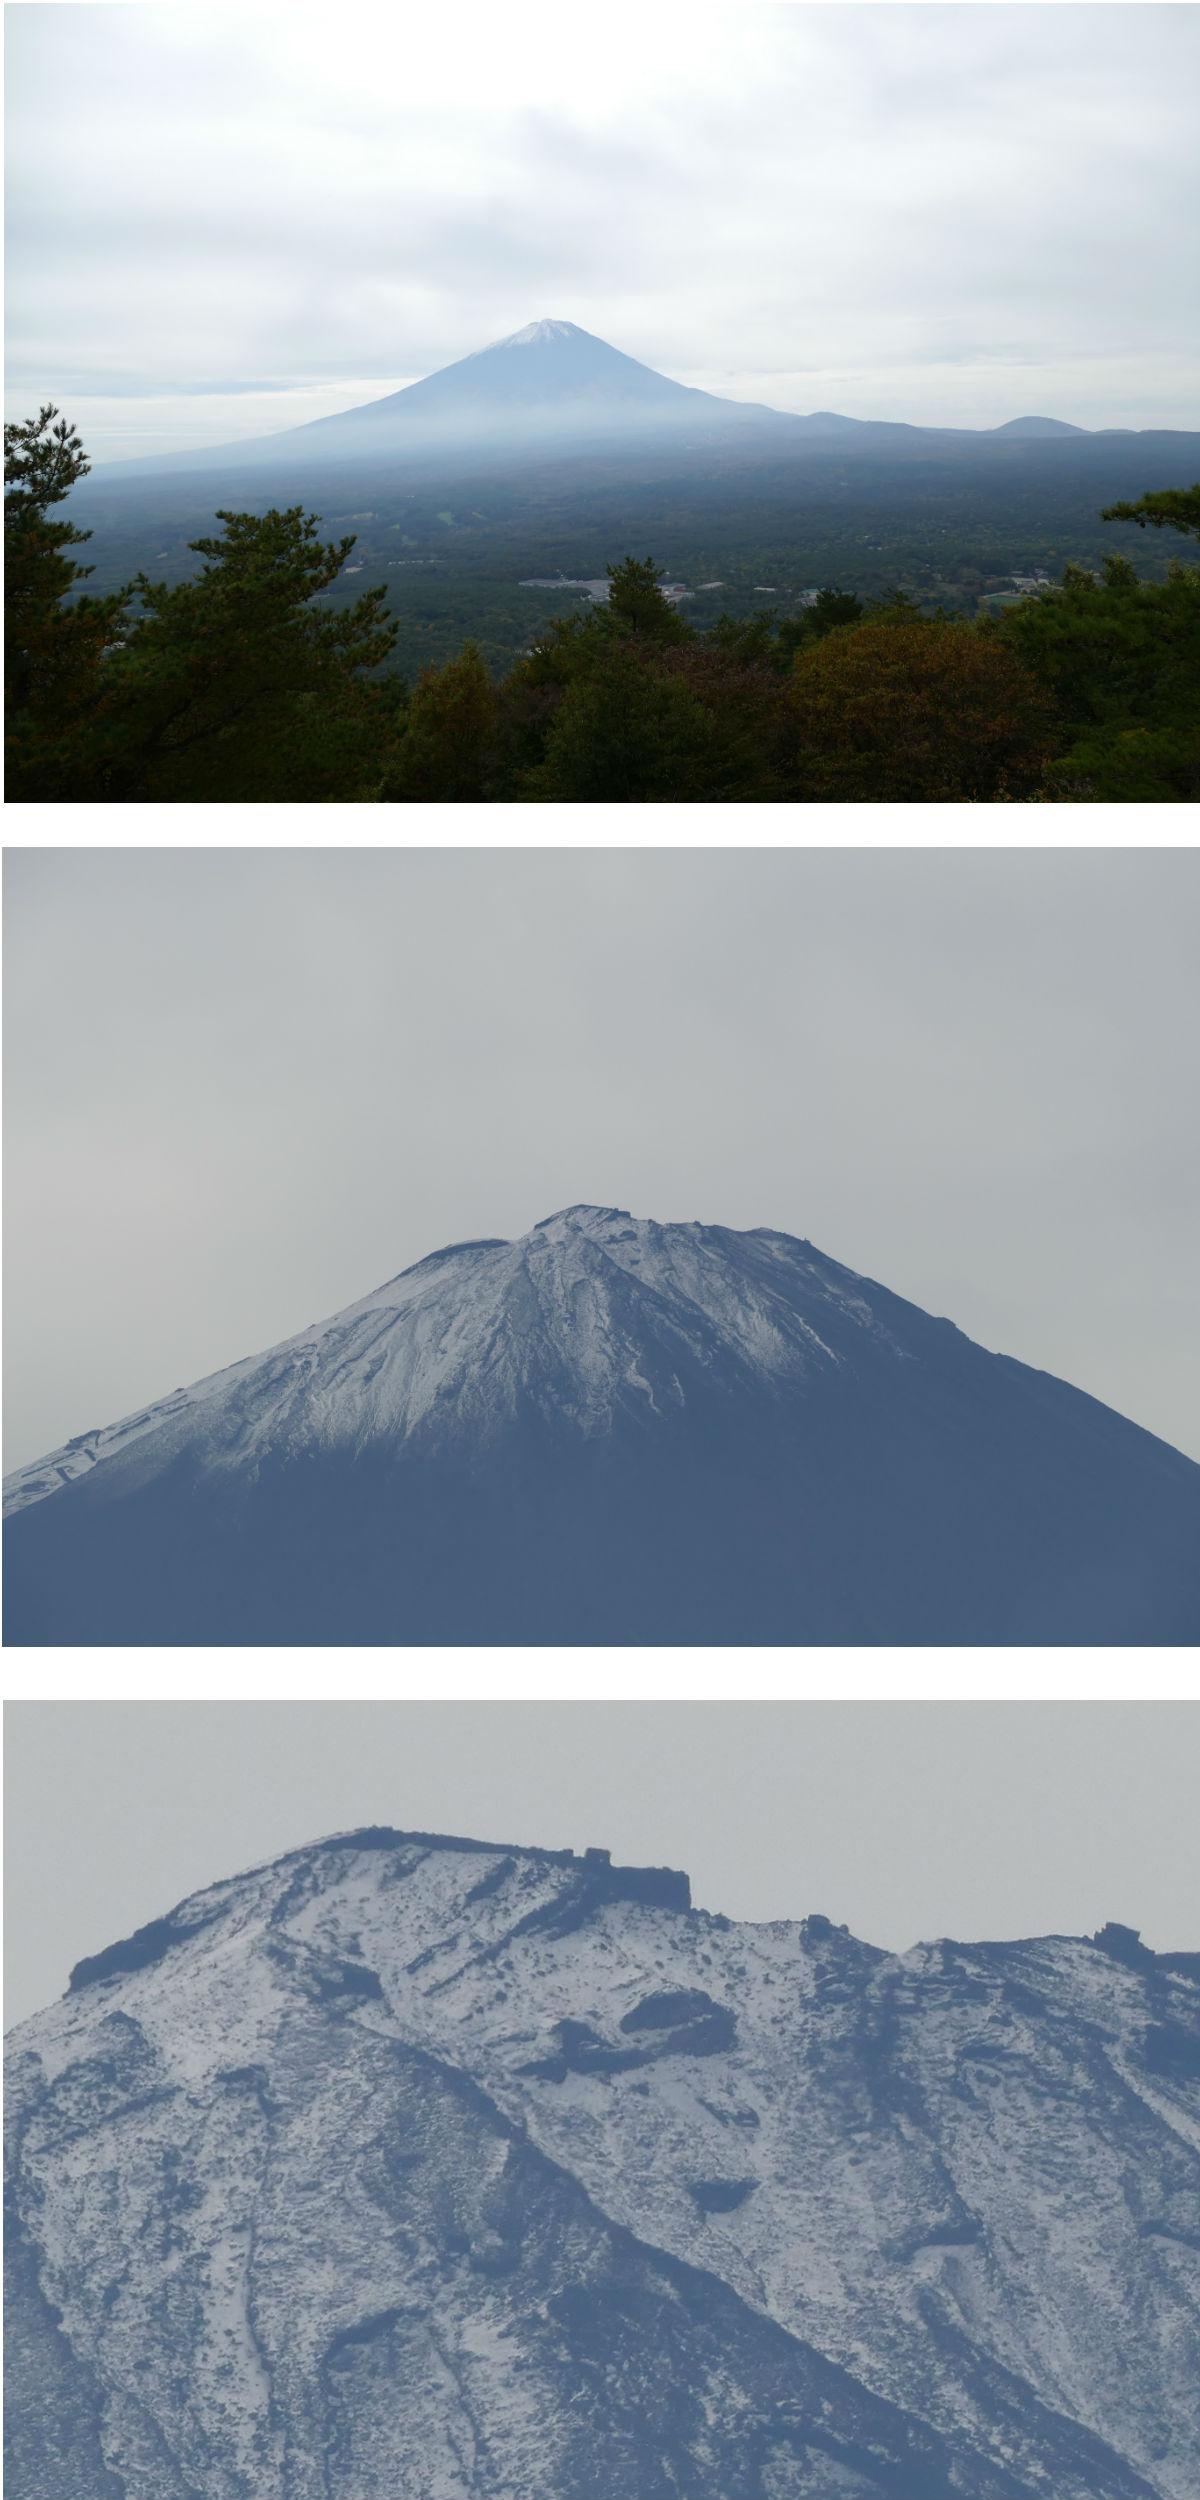 ズーム比較・富士山